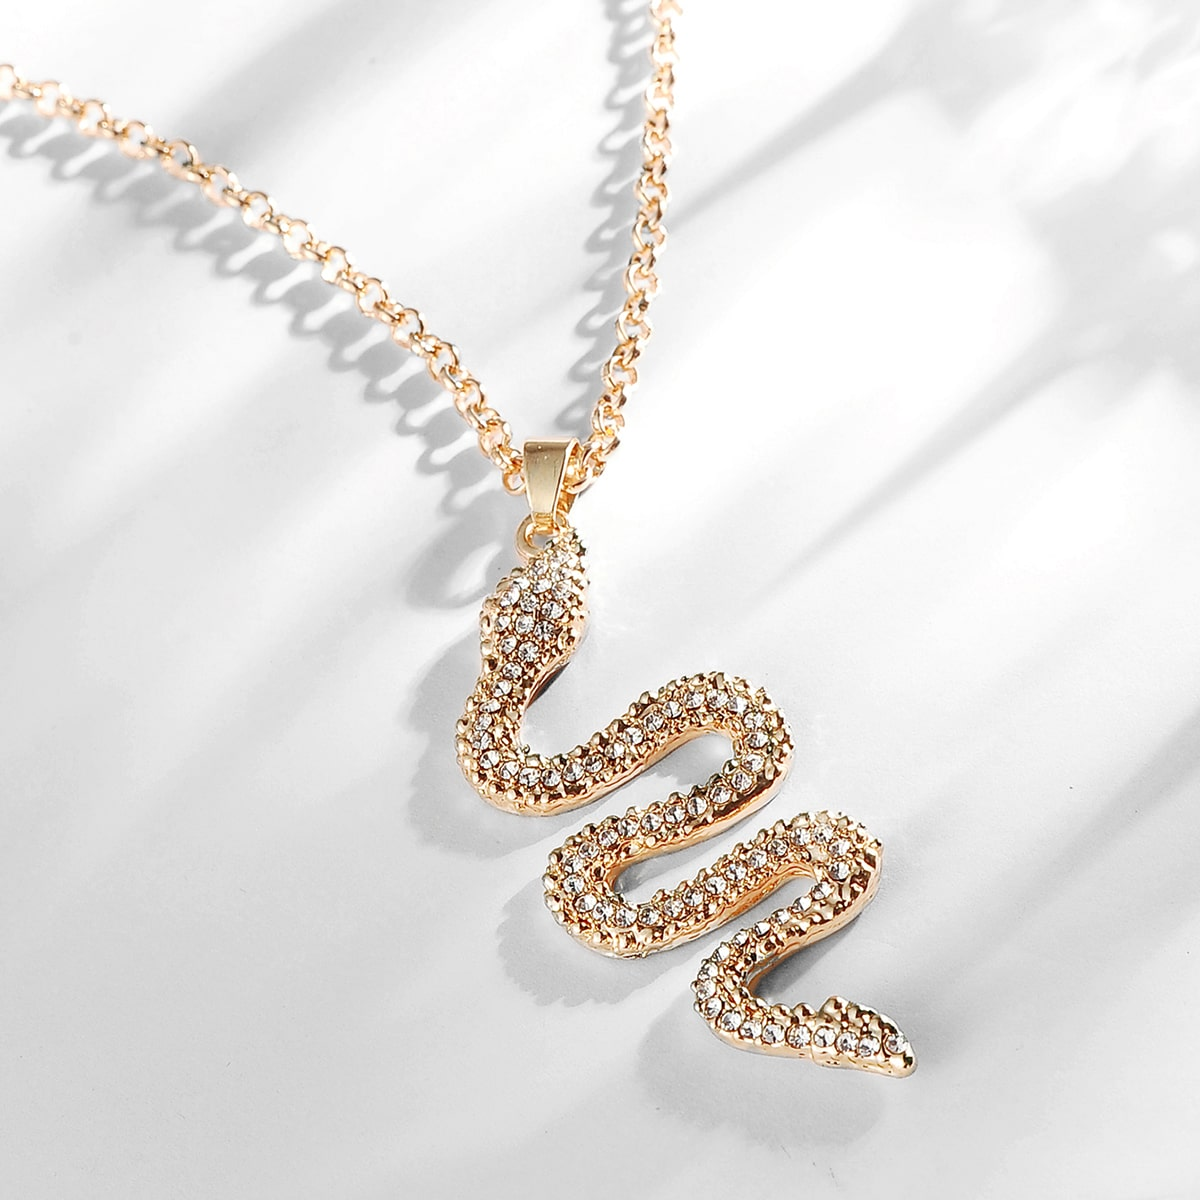 Мужское ожерелье с змеей и стразами от SHEIN